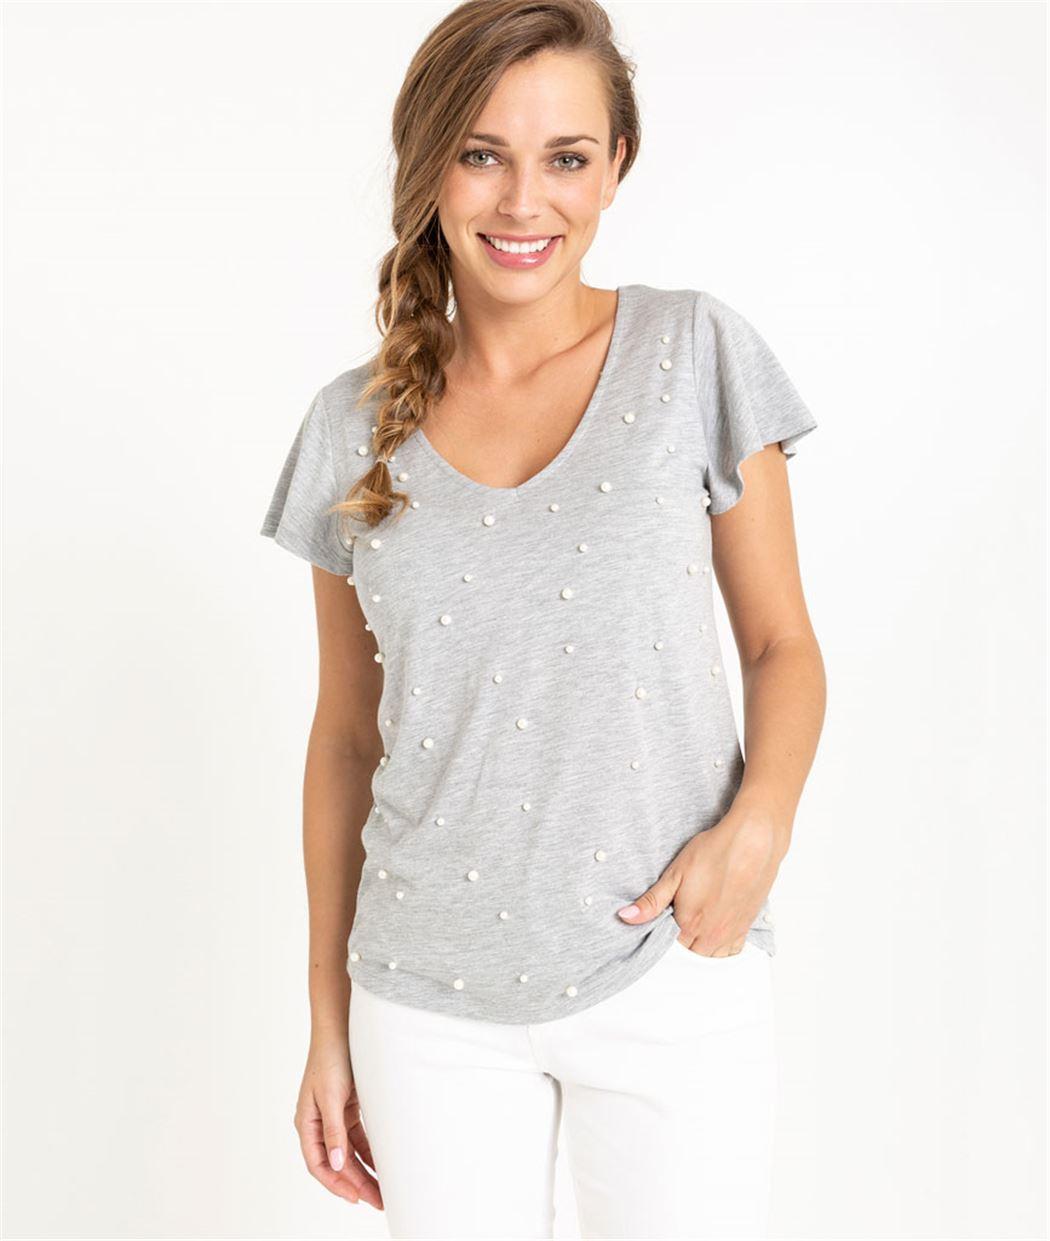 T-shirt femme gris avec perles blanches GRIS